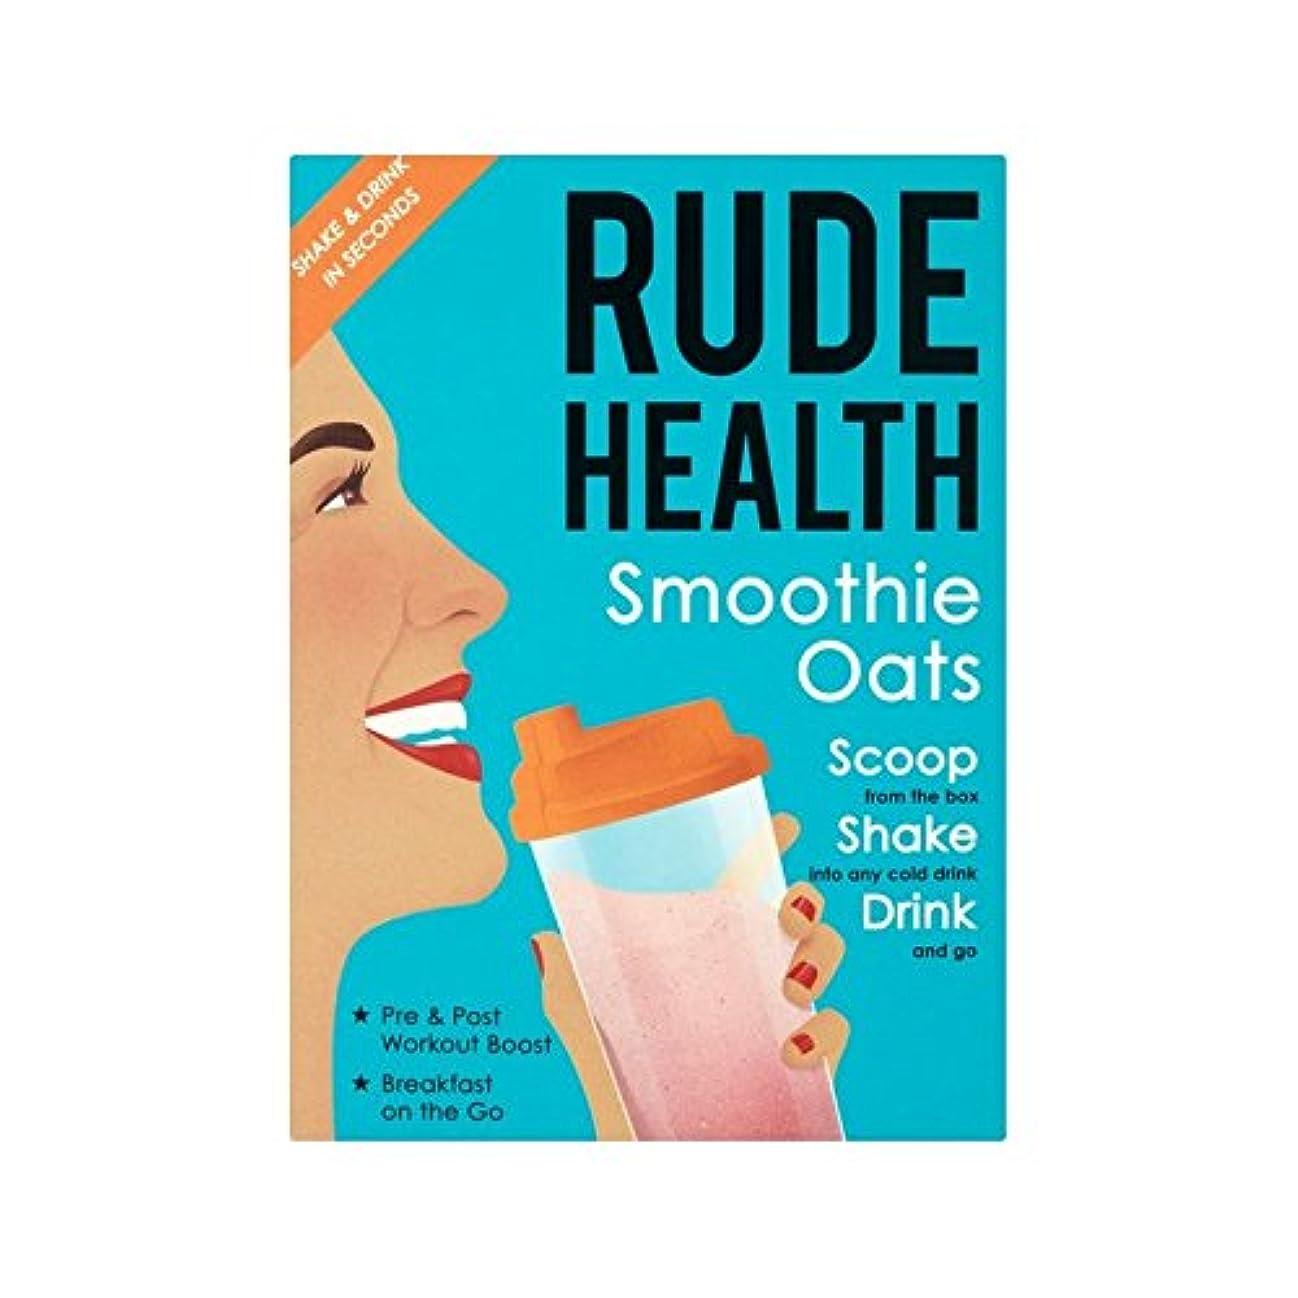 移植スクラップブック気味の悪いスムージーオート麦250グラム (Rude Health) (x 2) - Rude Health Smoothie Oats 250g (Pack of 2) [並行輸入品]